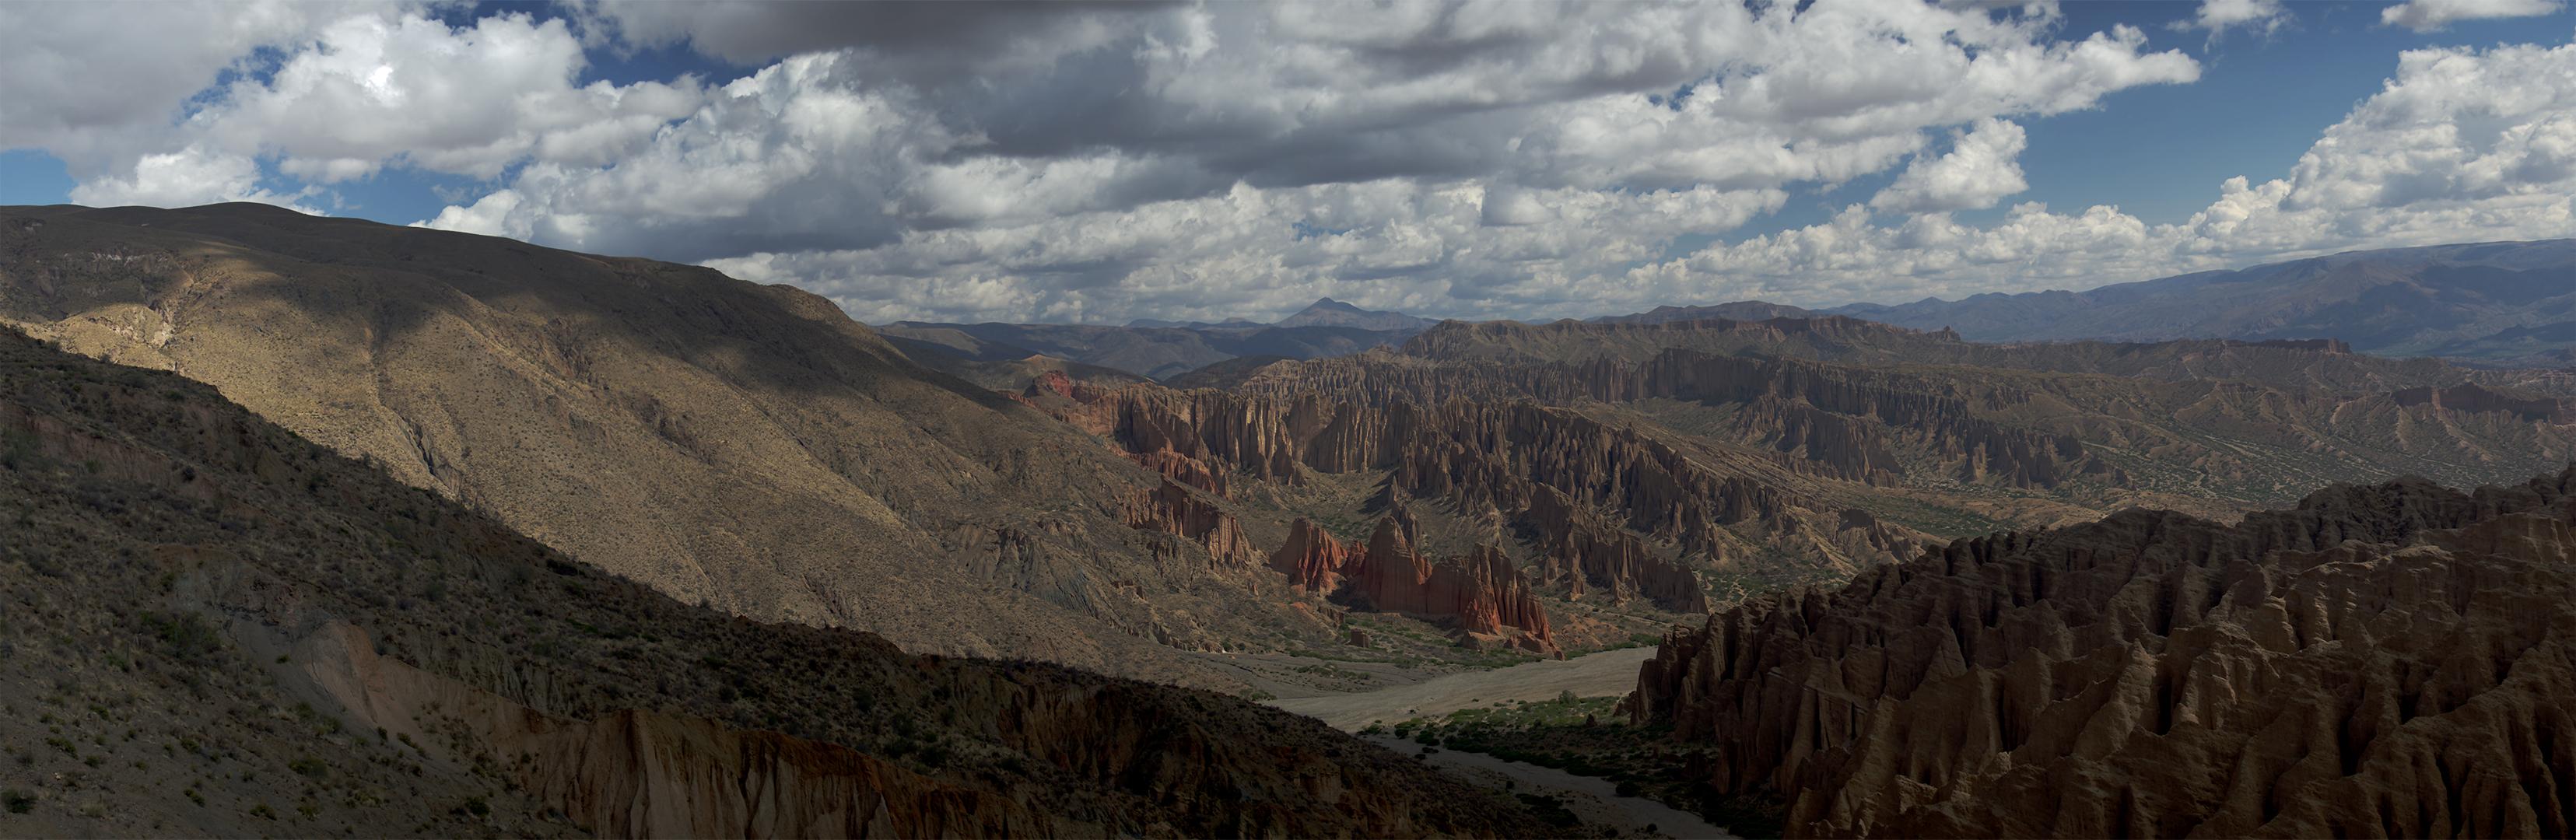 2T6B0118-Panorama